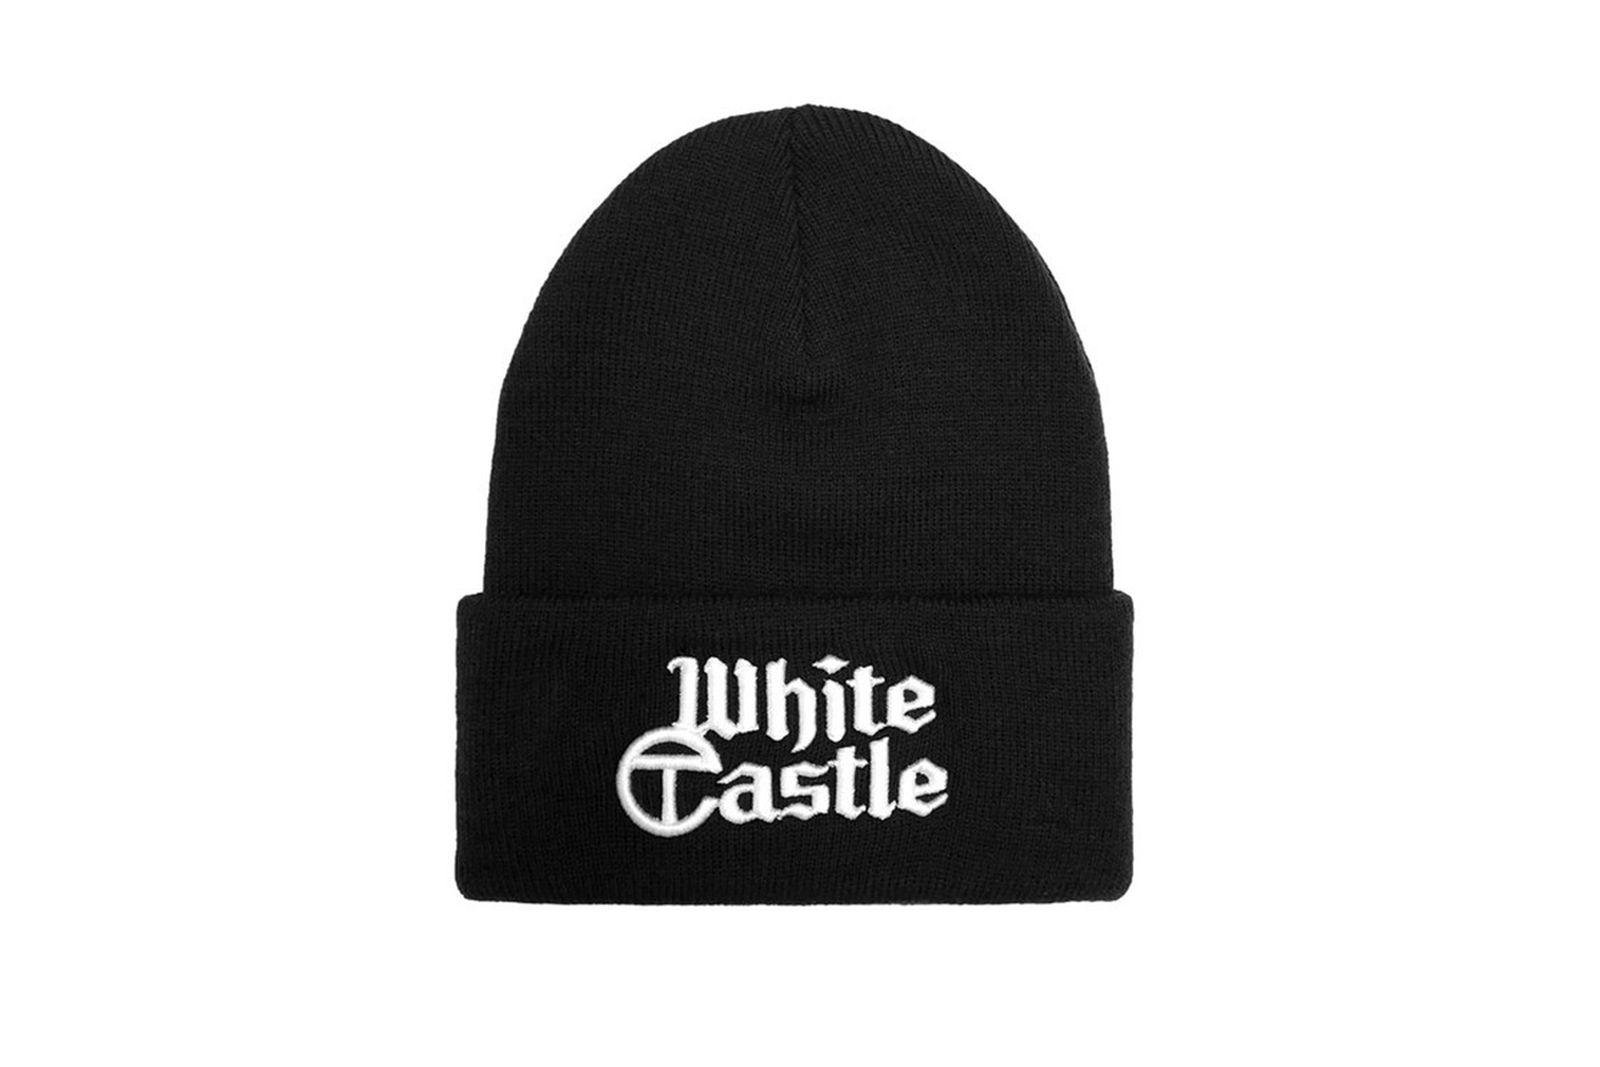 telfar-white-castle-2021-01